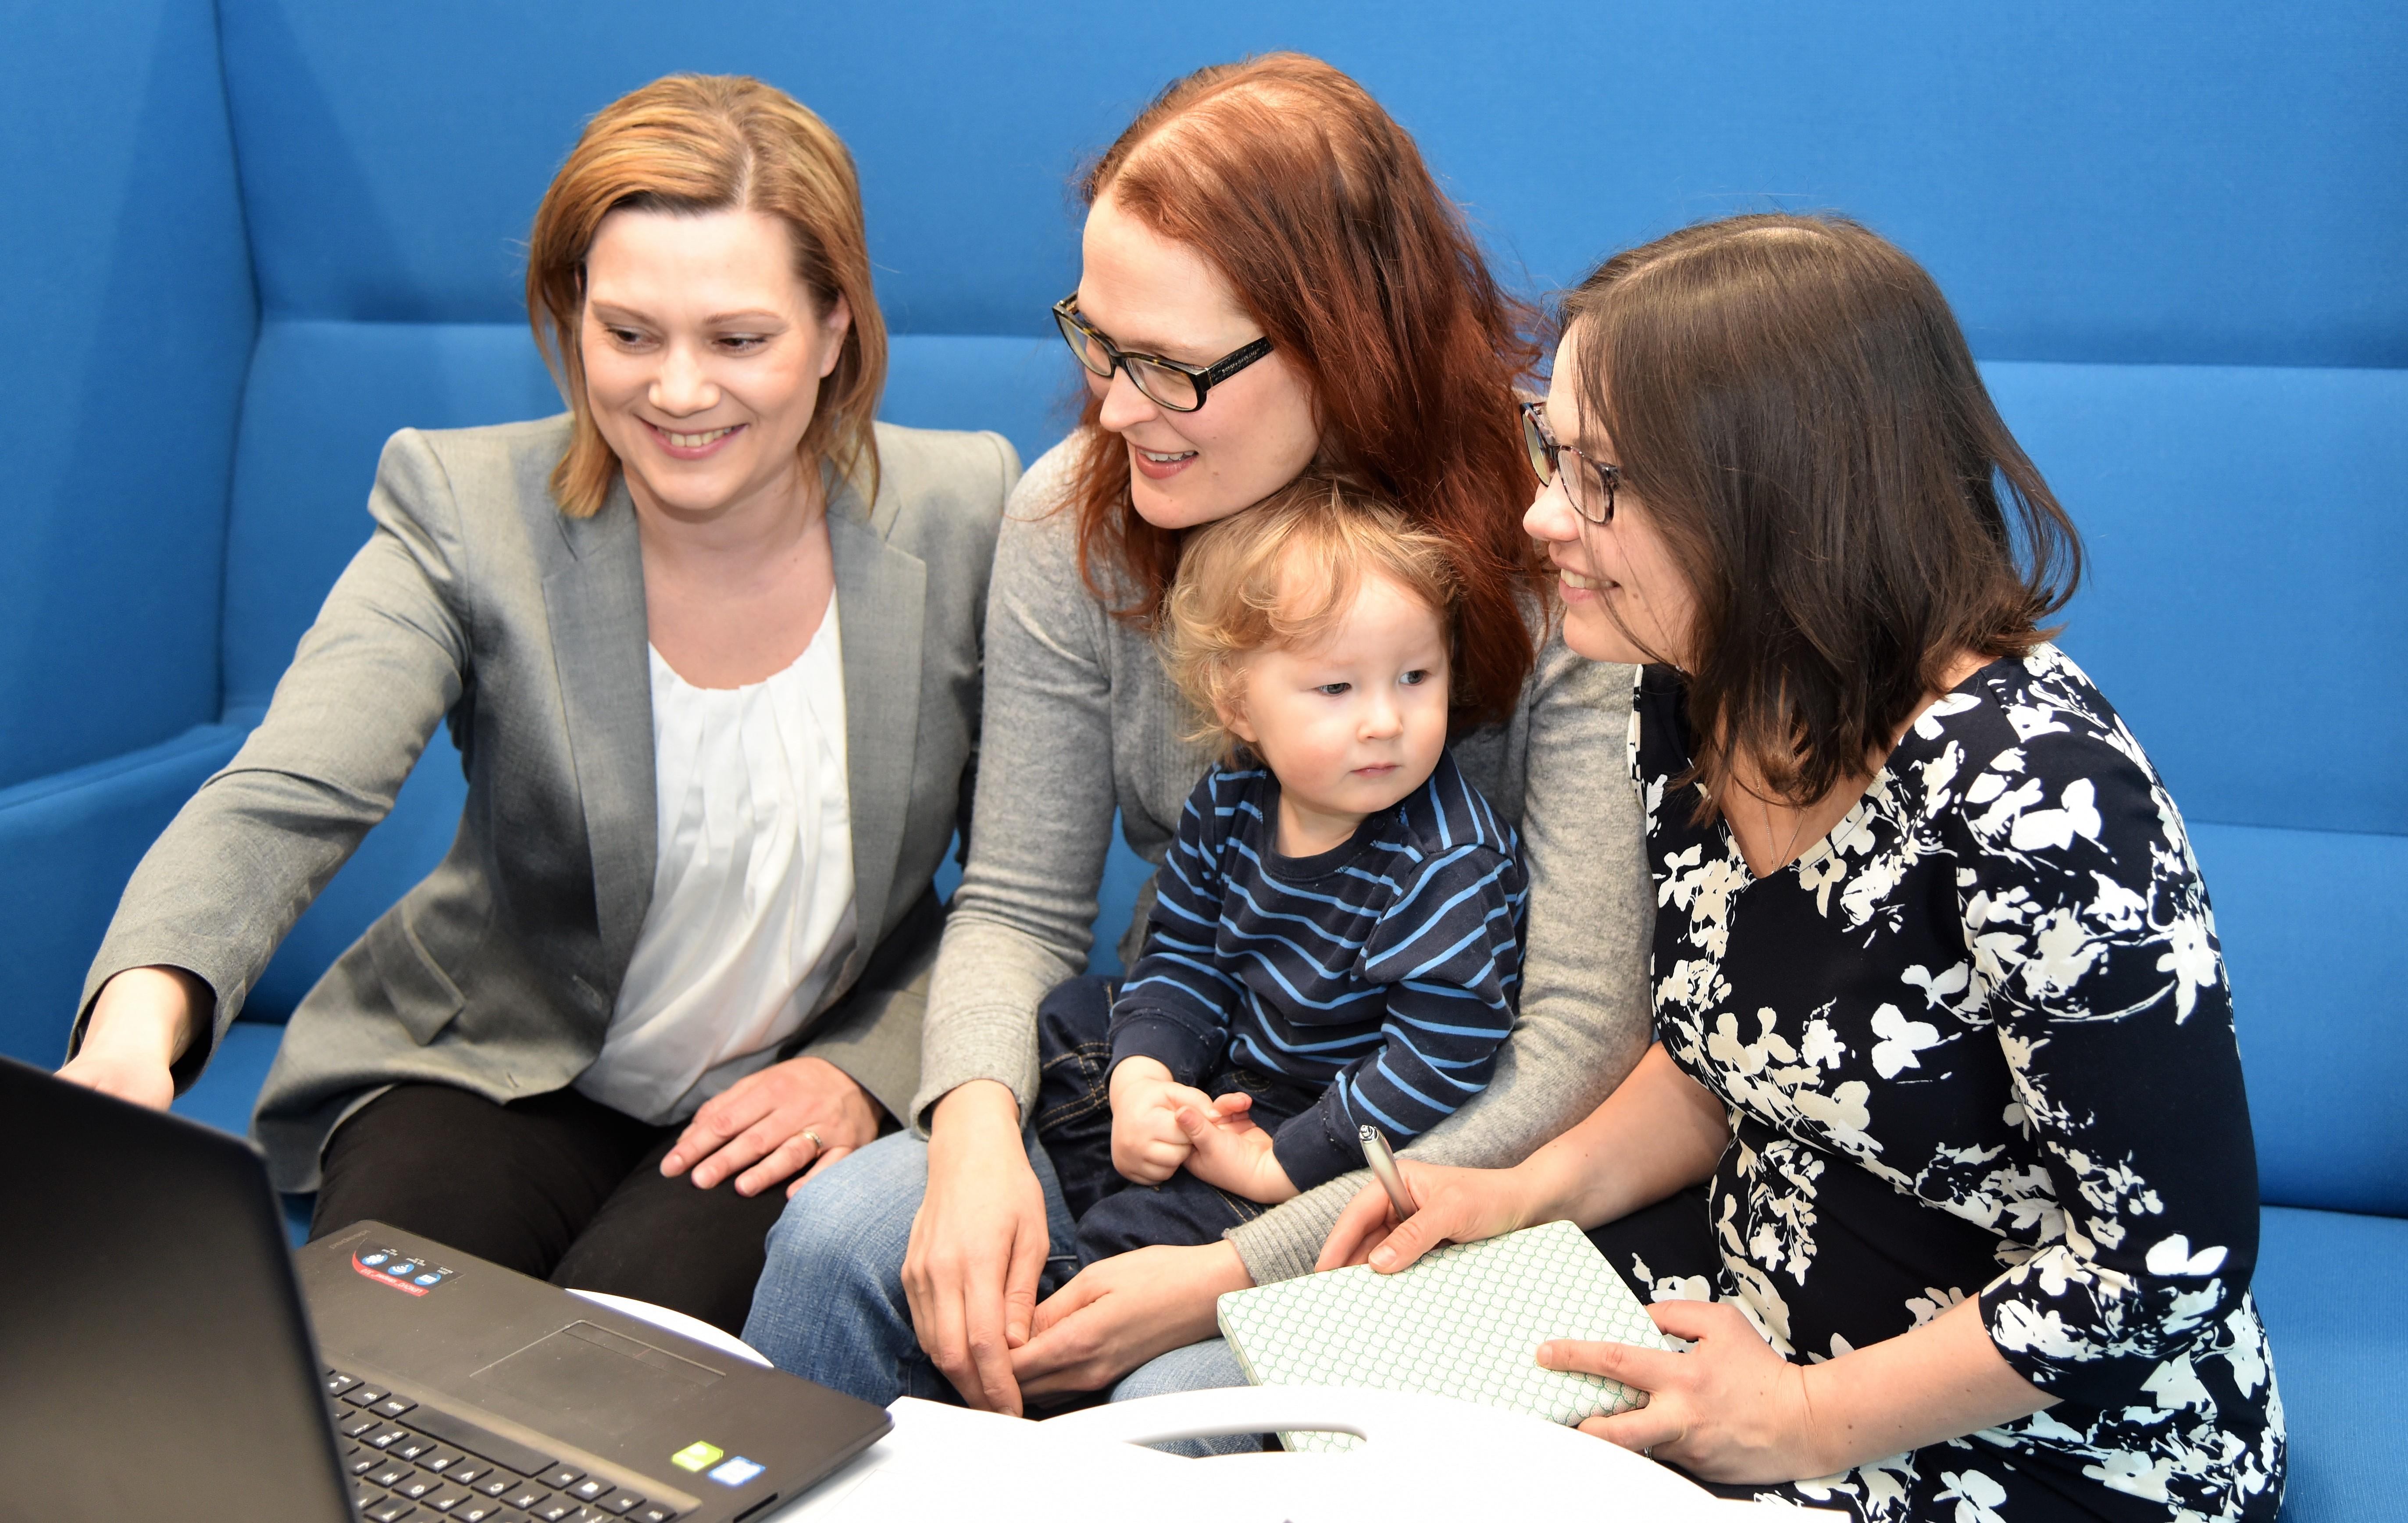 Piilo-osaajat_työnhaku_Mothers in Business_MiB